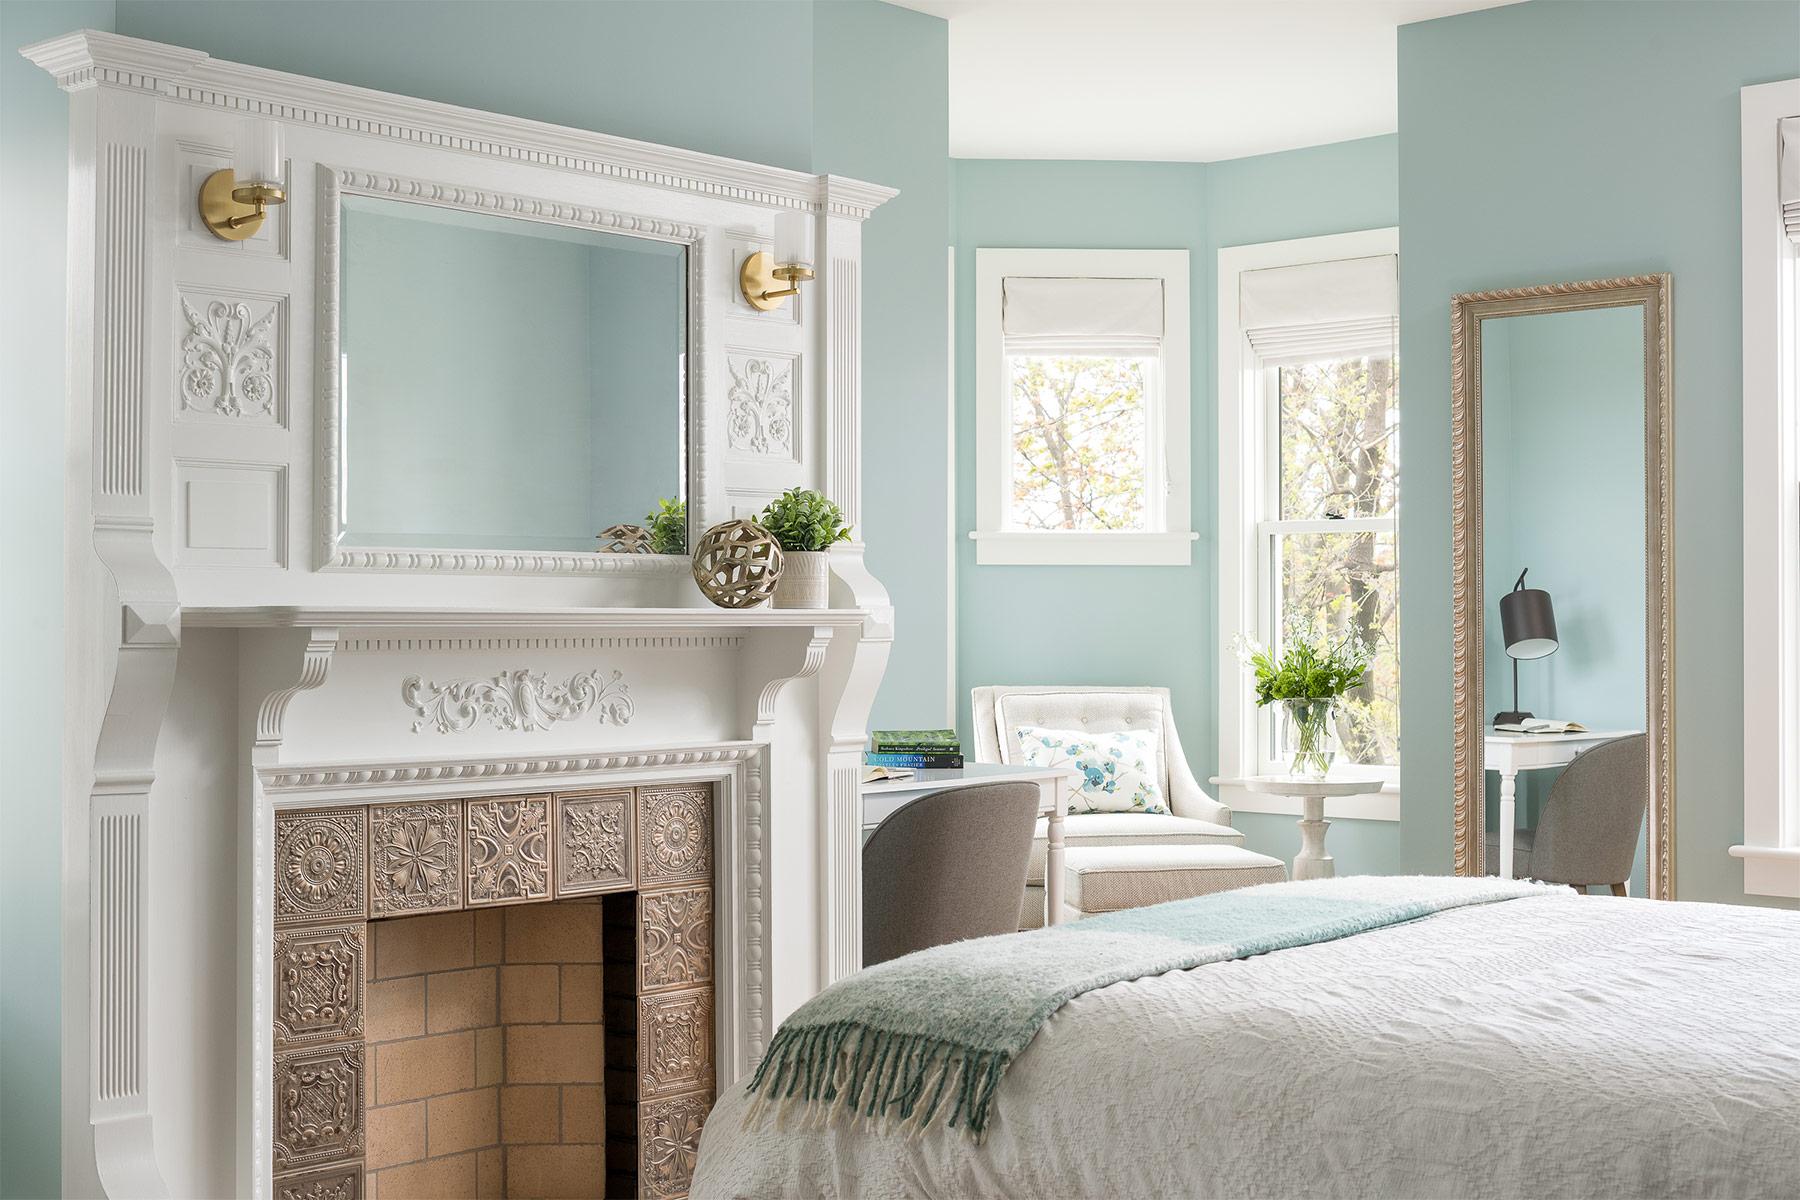 vt interior design bedroom